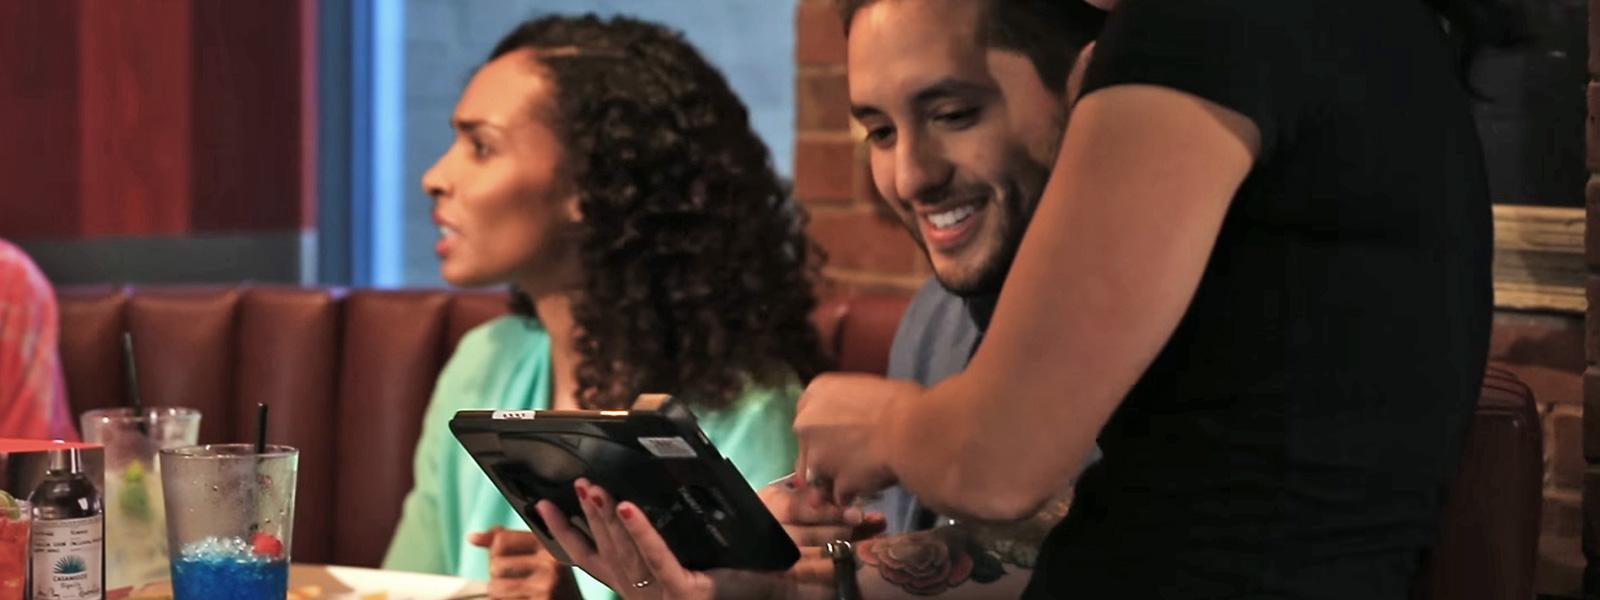 Клиенты TGI Fridays работают с устройством за столиком